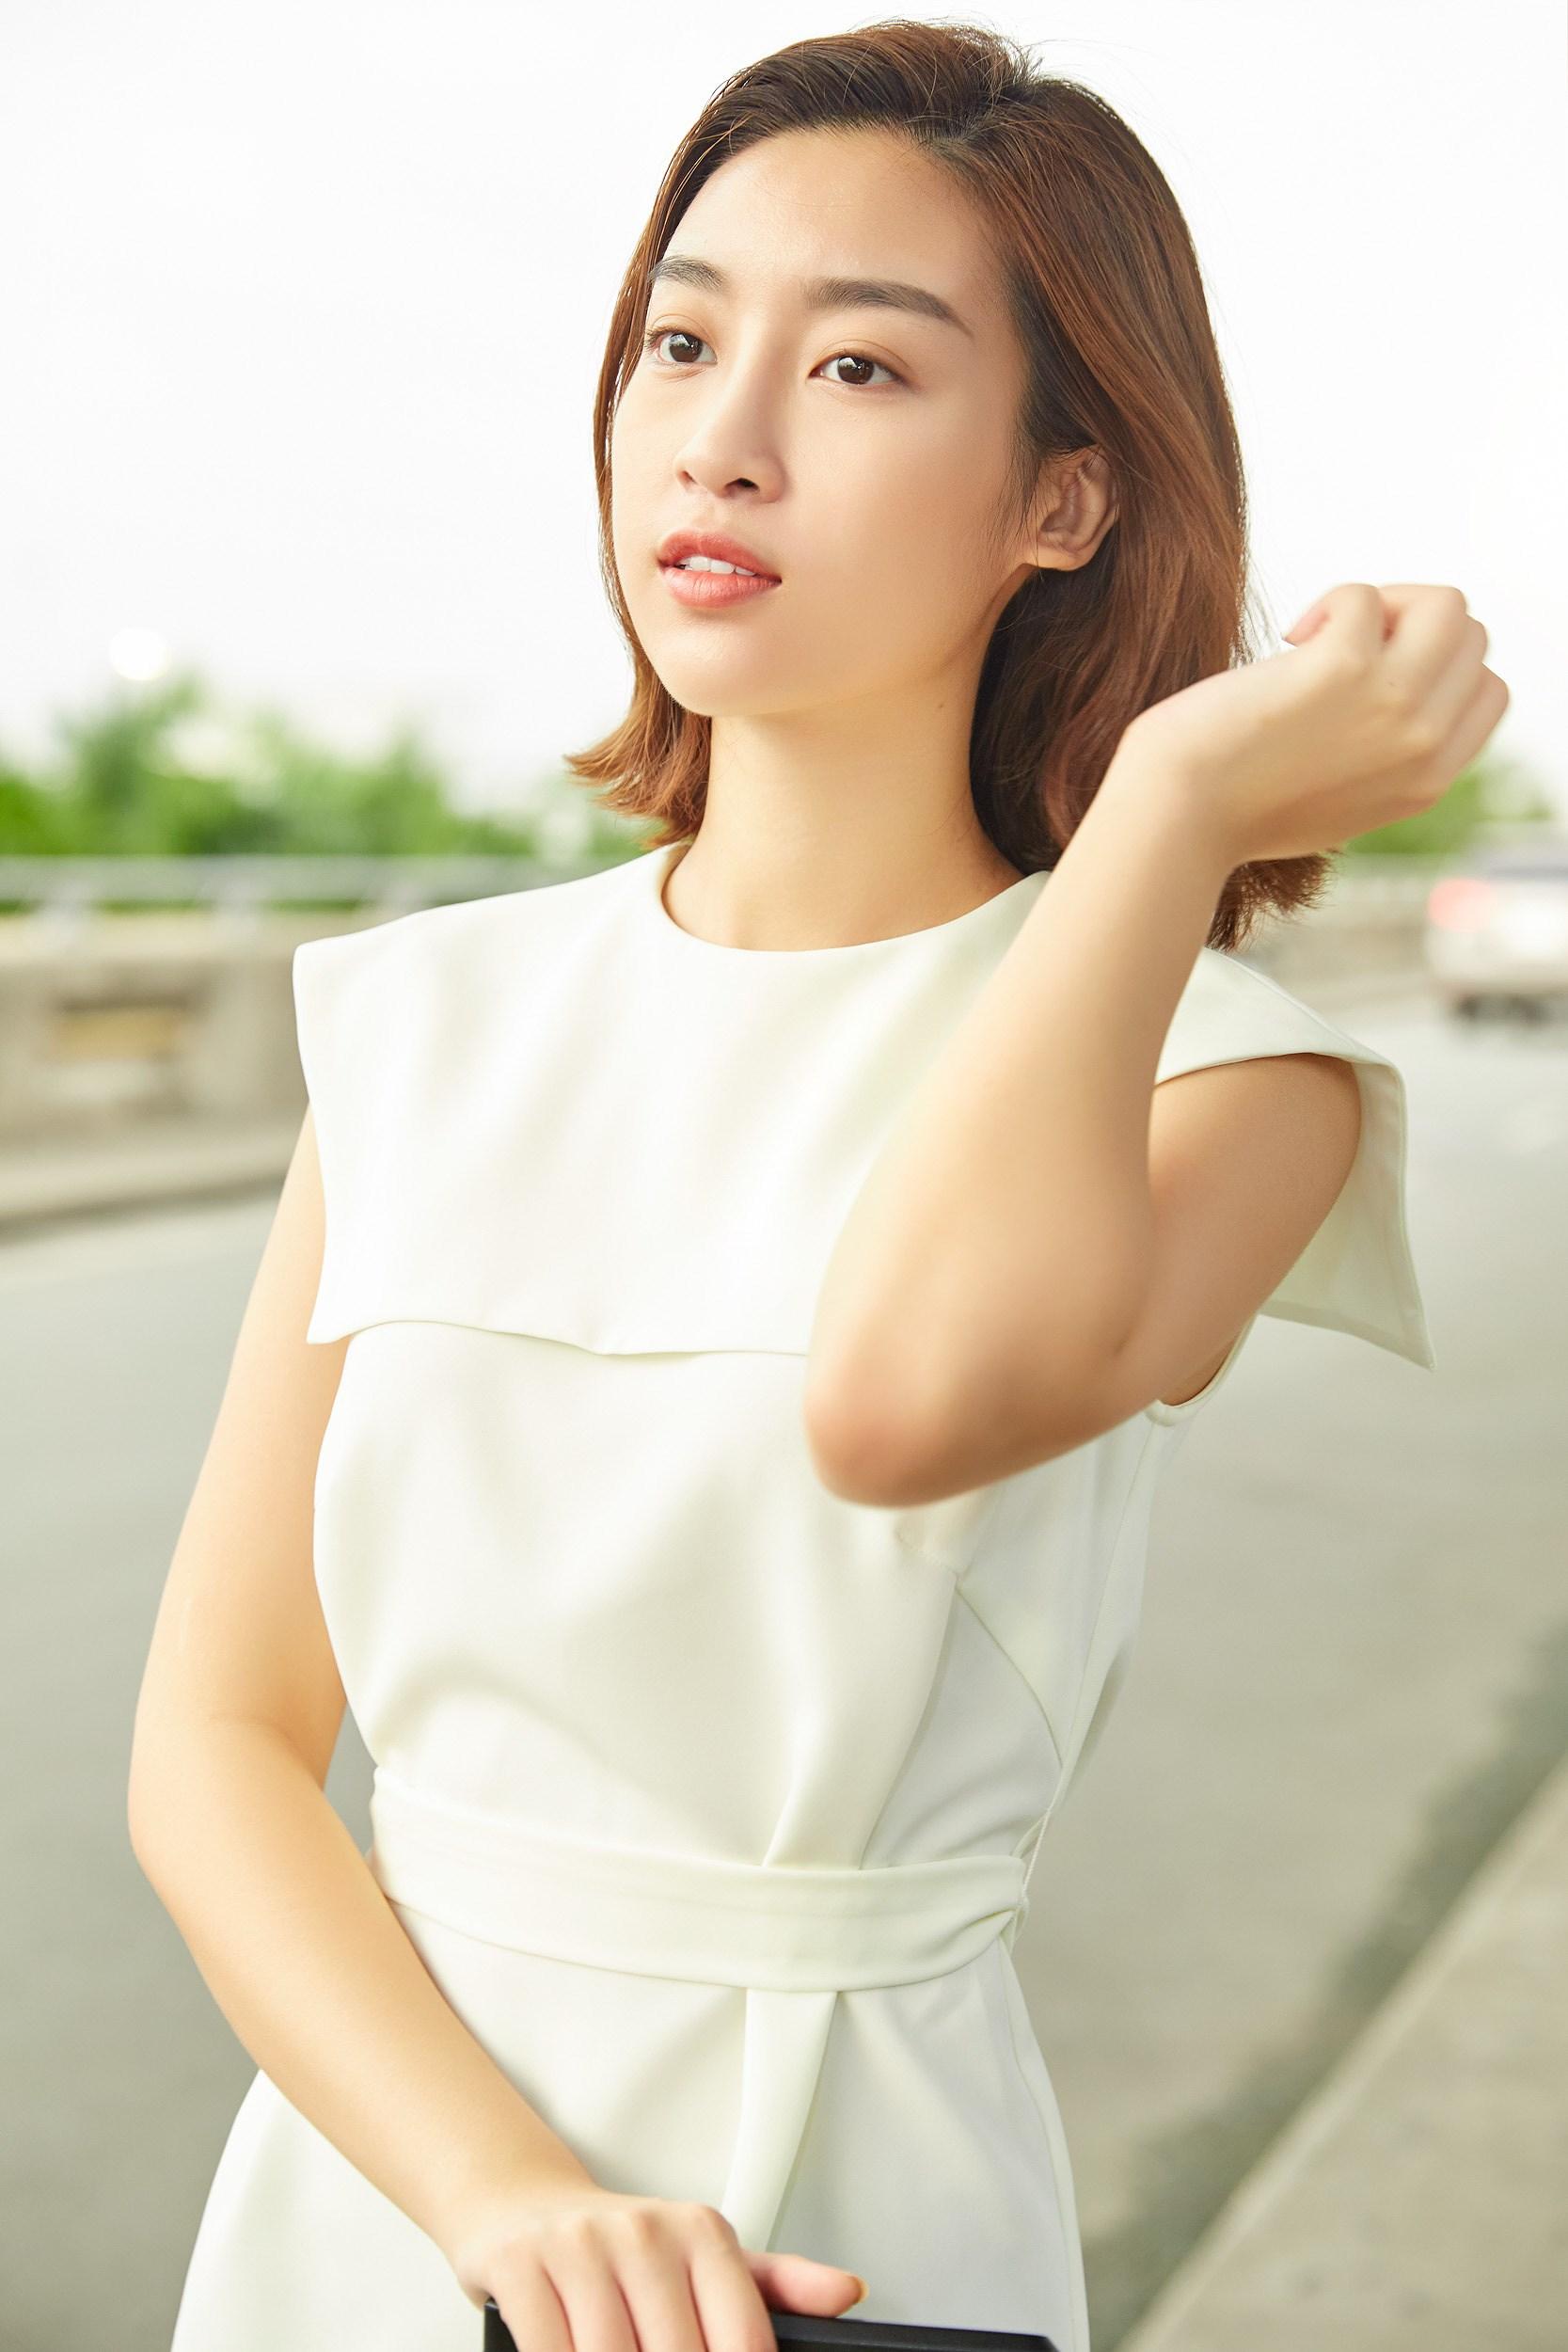 Hoa hậu Đỗ Mỹ Linh và Phương Ly đọ mặt mộc xinh đẹp tại sân bay Ảnh 5